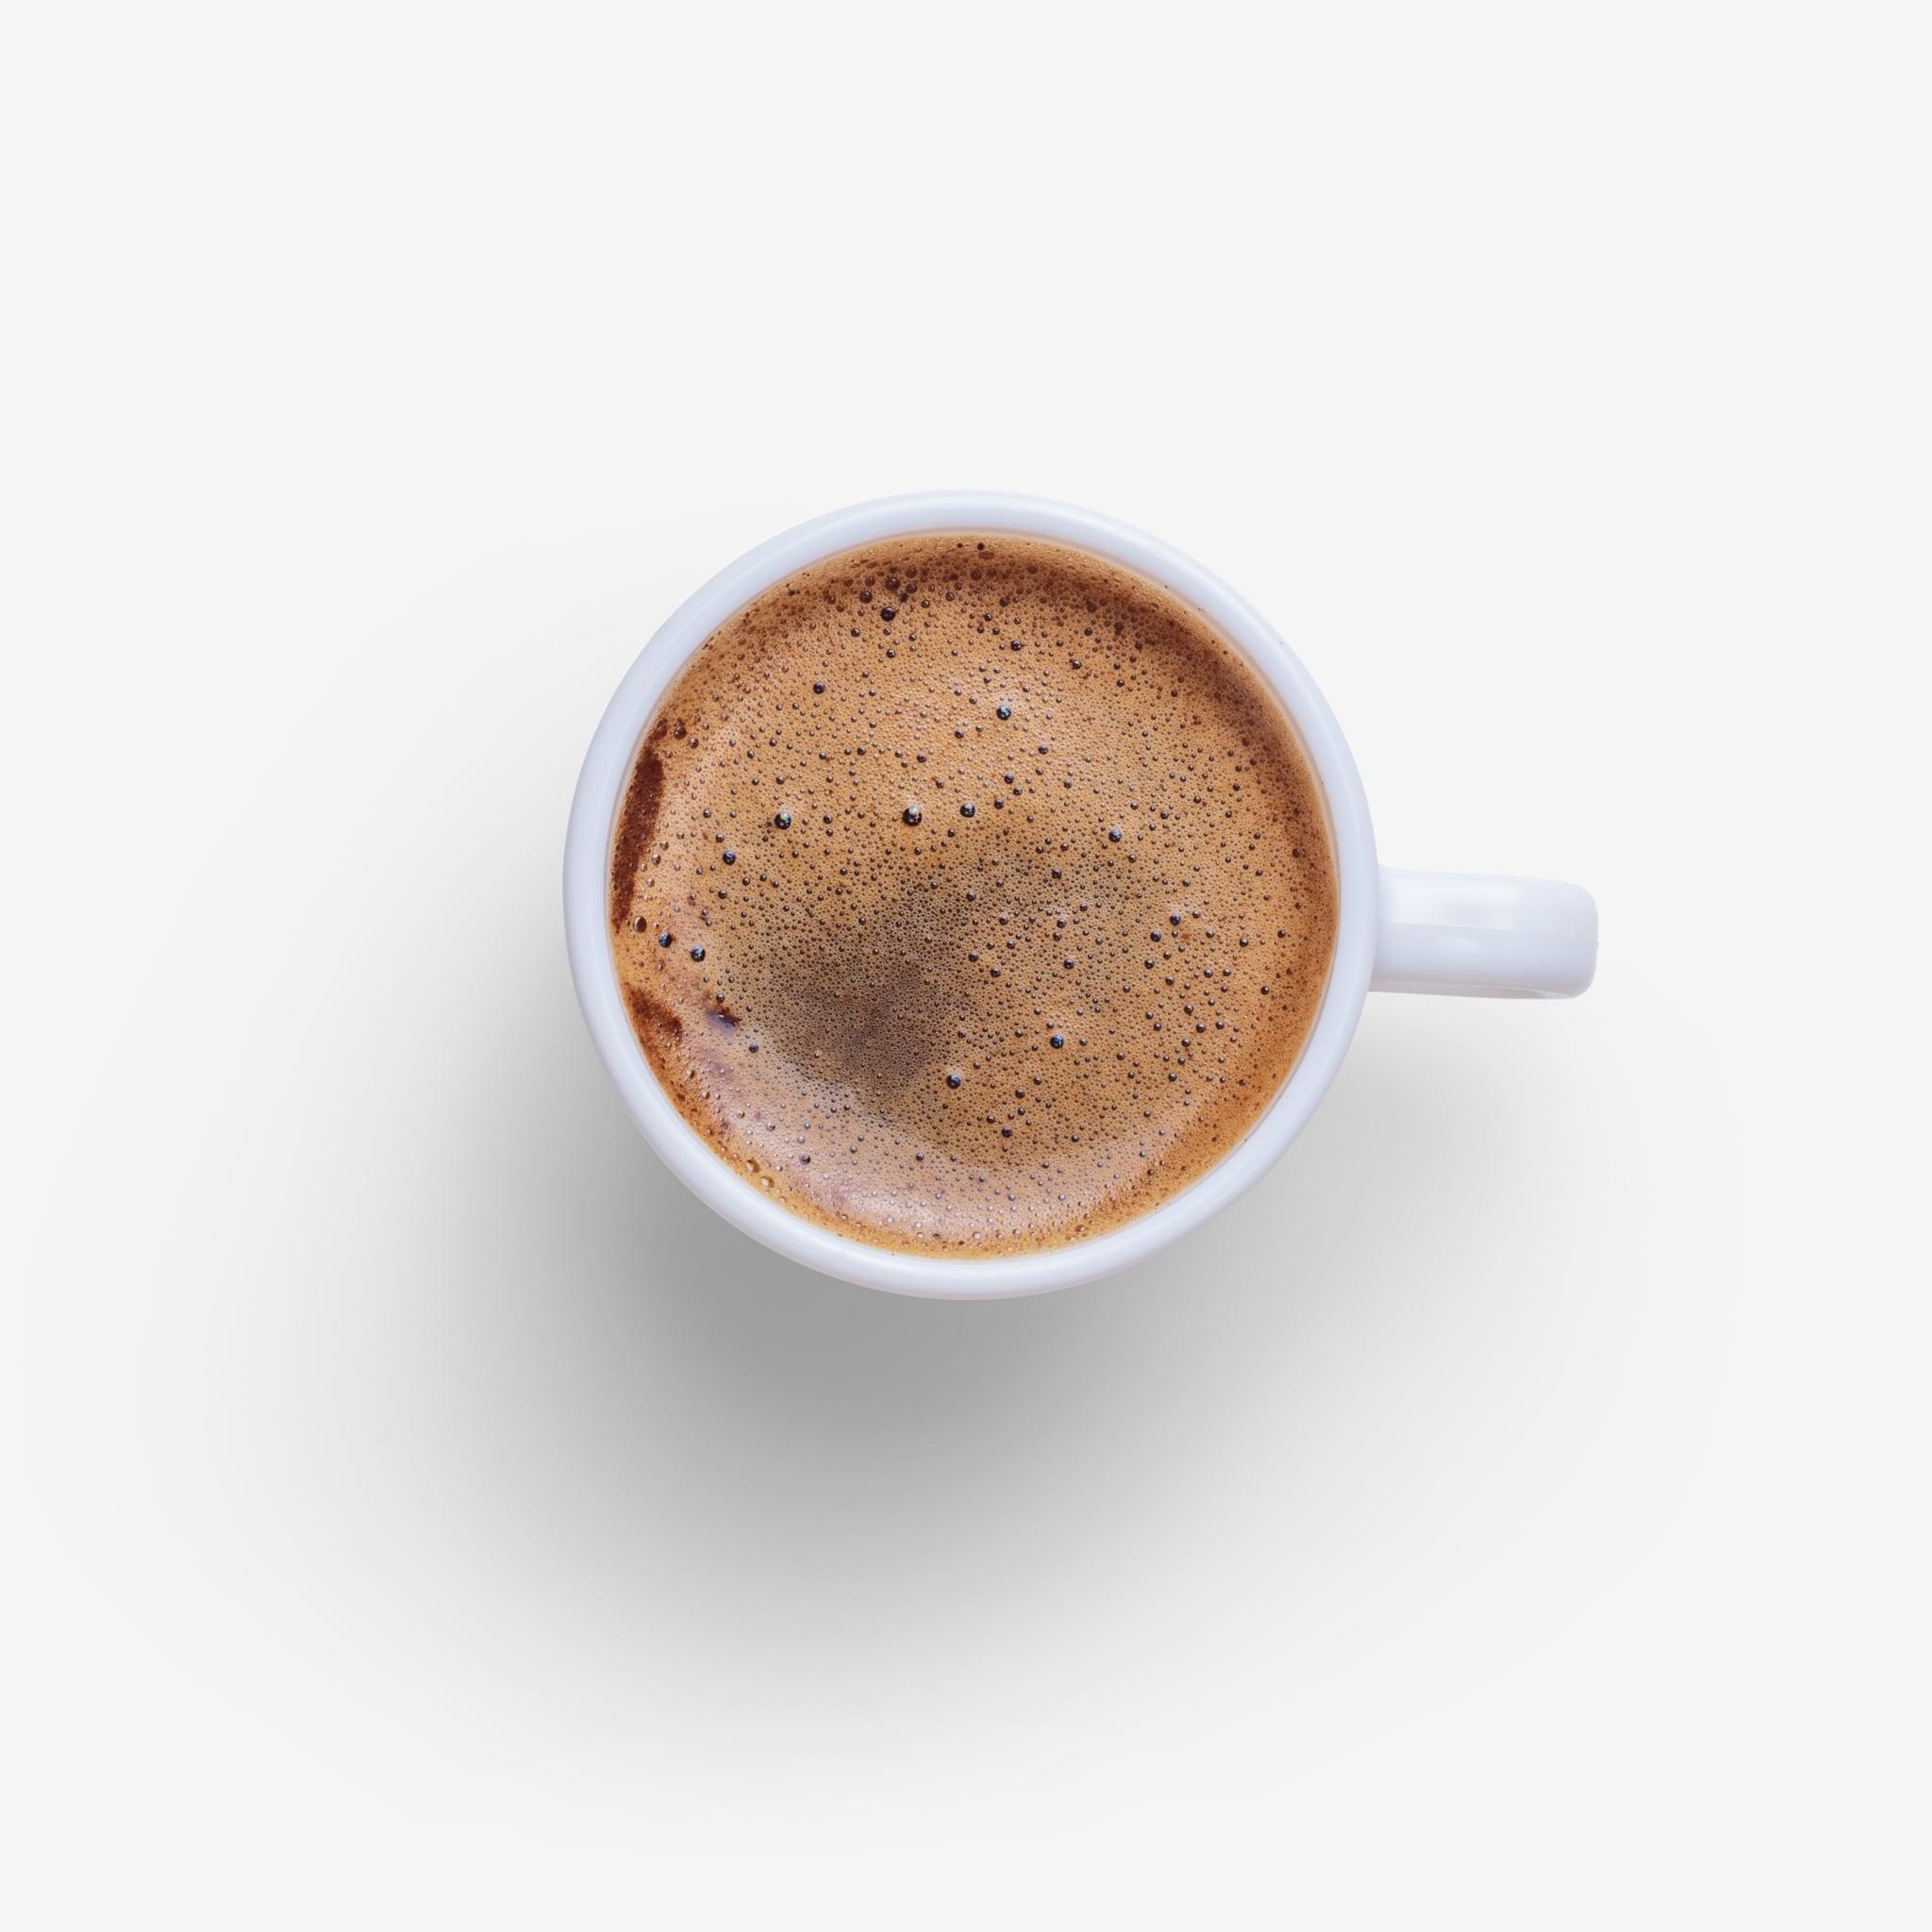 Coffee PSD layered image